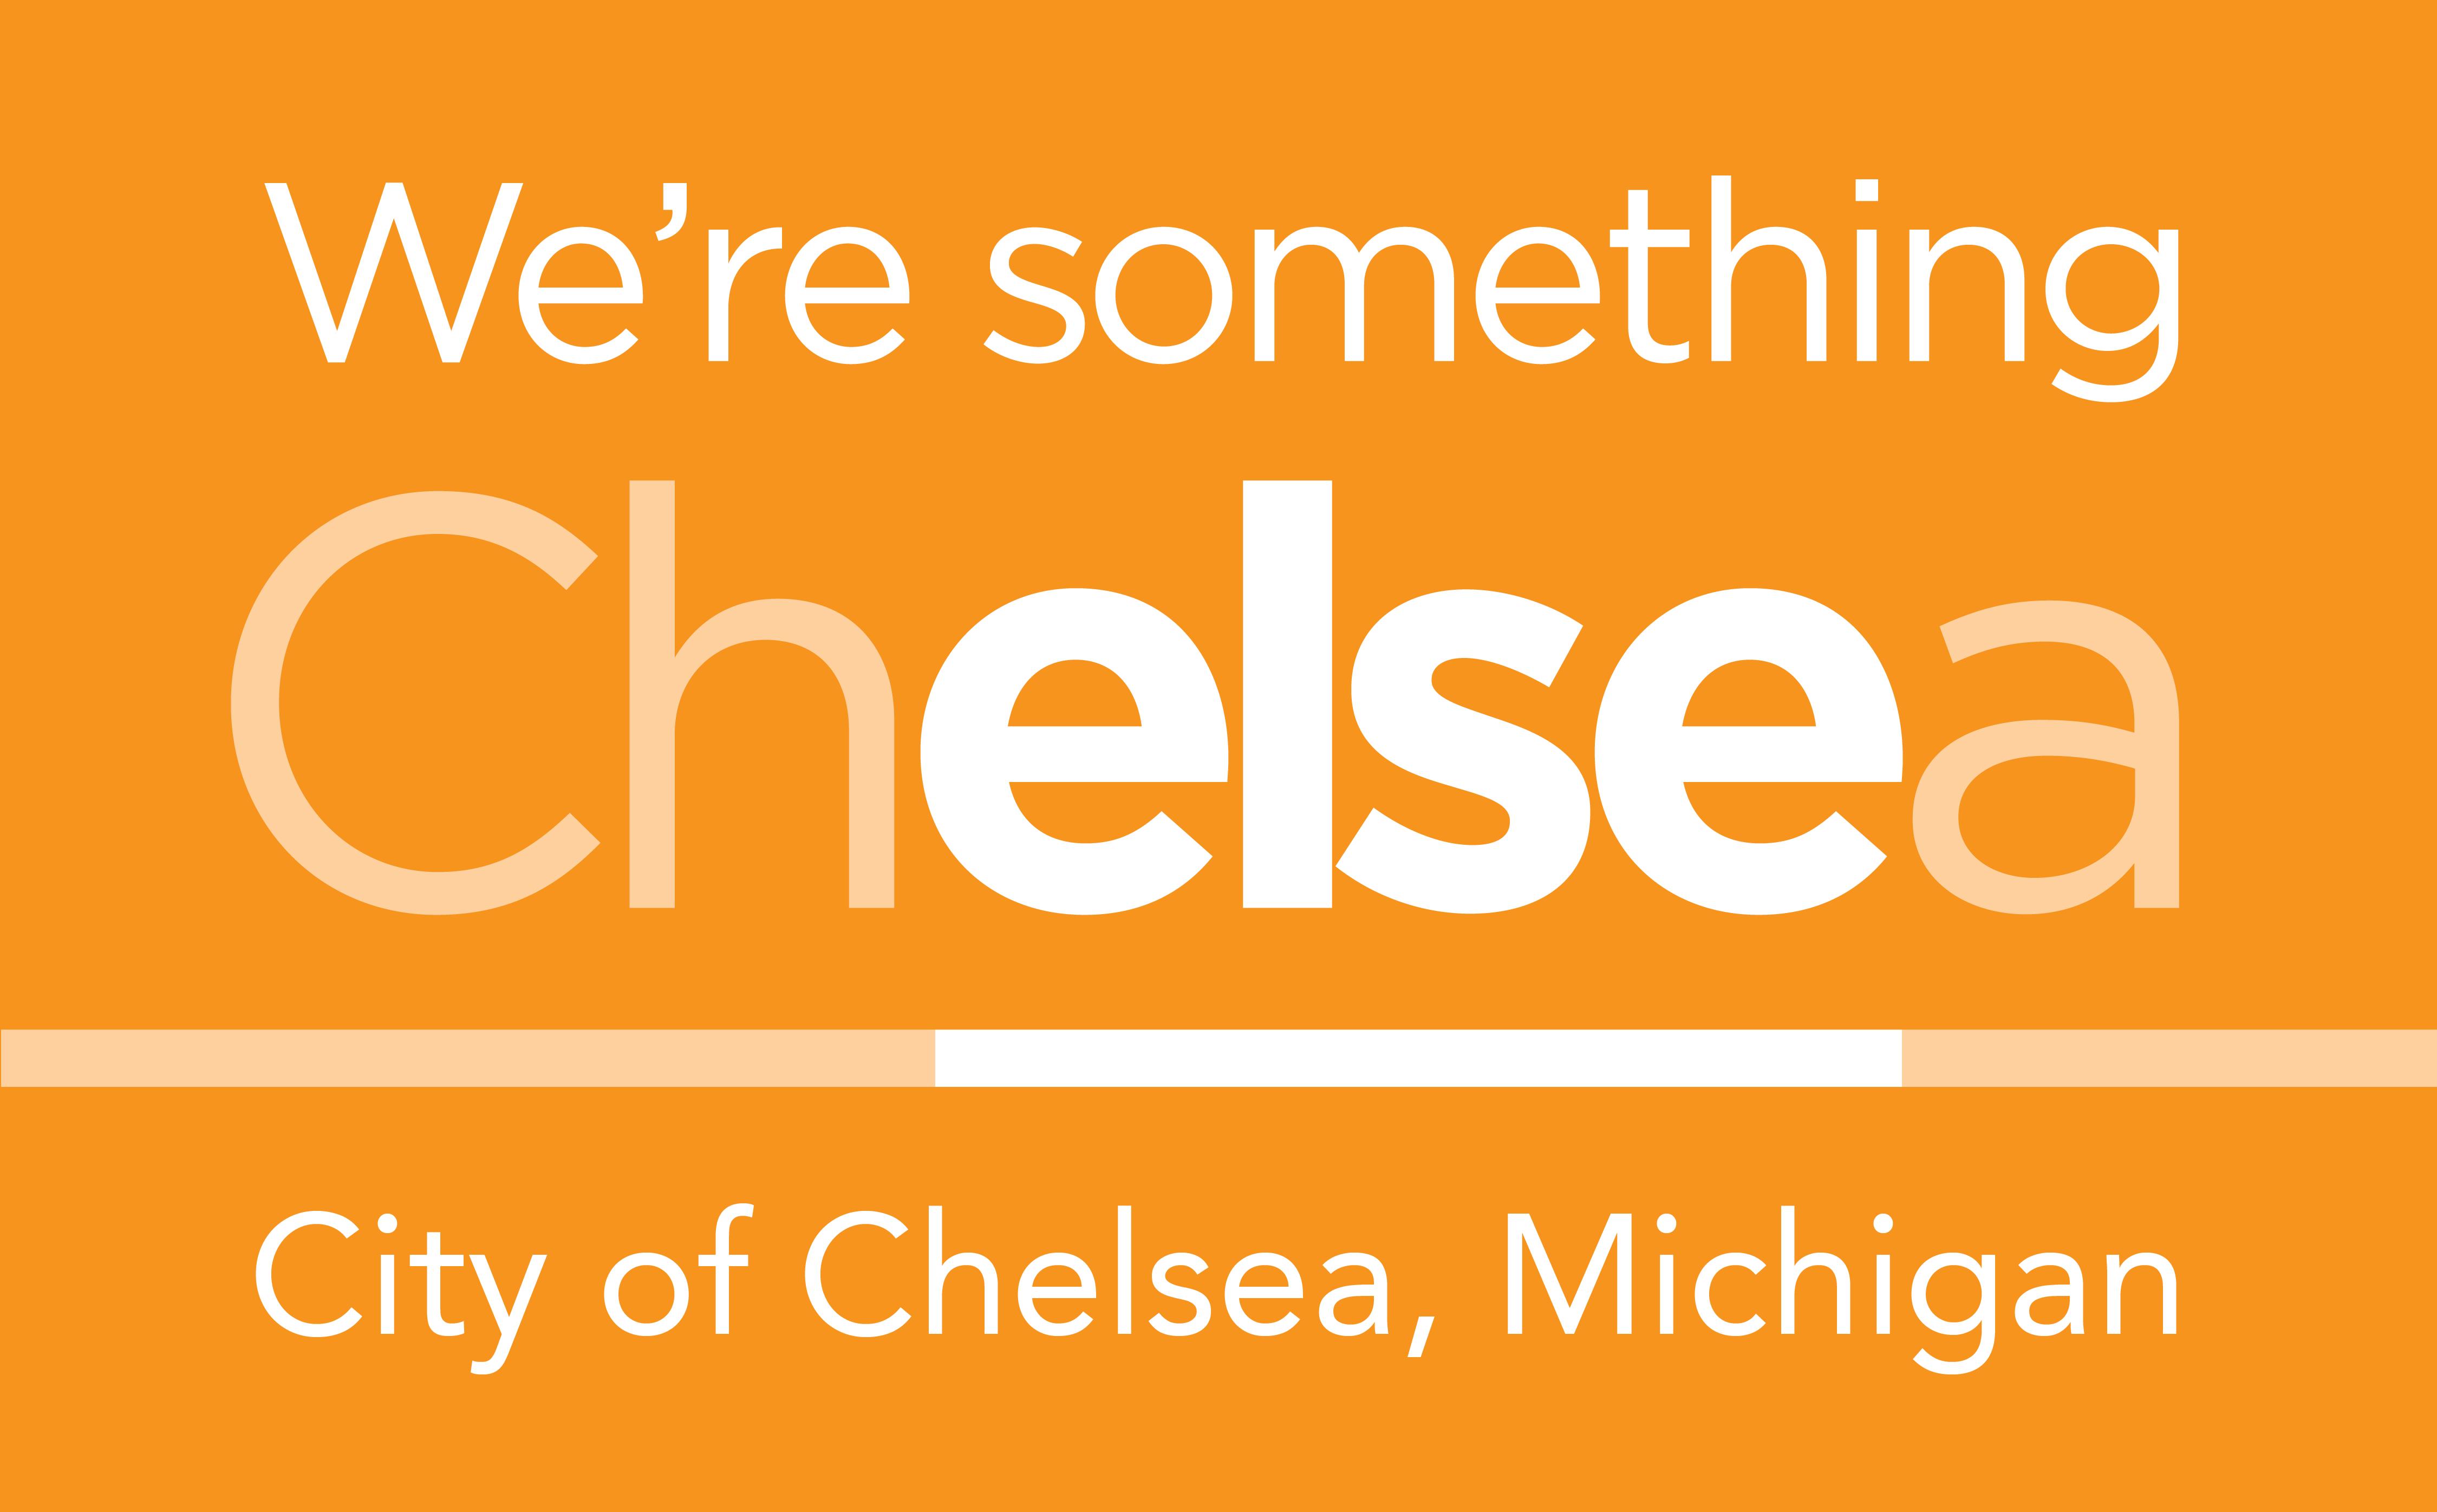 ChelseaCity_logo